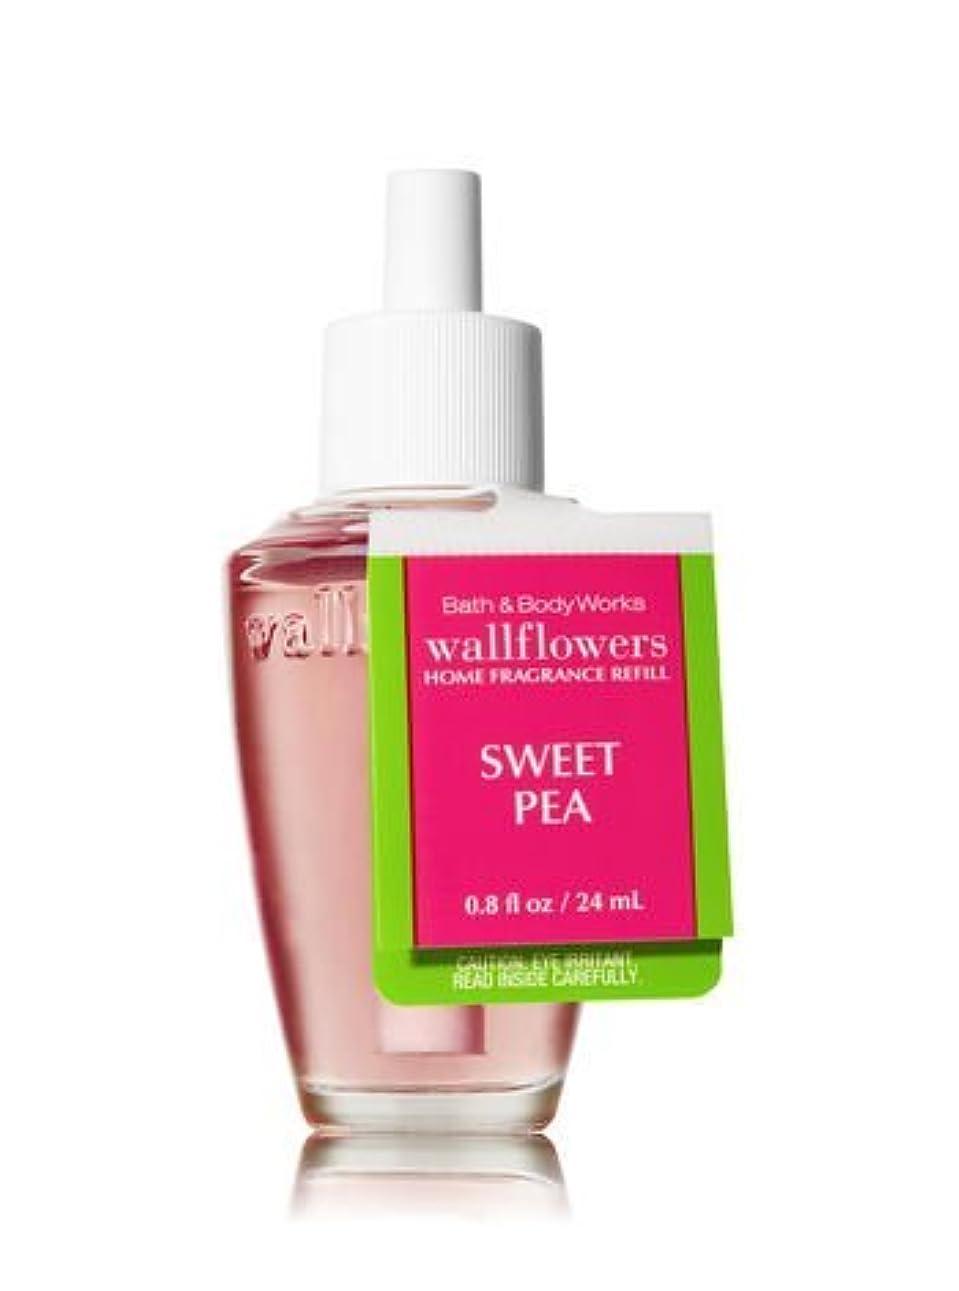 のど飛行場アーティファクト【Bath&Body Works/バス&ボディワークス】 ルームフレグランス 詰替えリフィル スイートピー Wallflowers Home Fragrance Refill Sweet Pea [並行輸入品]